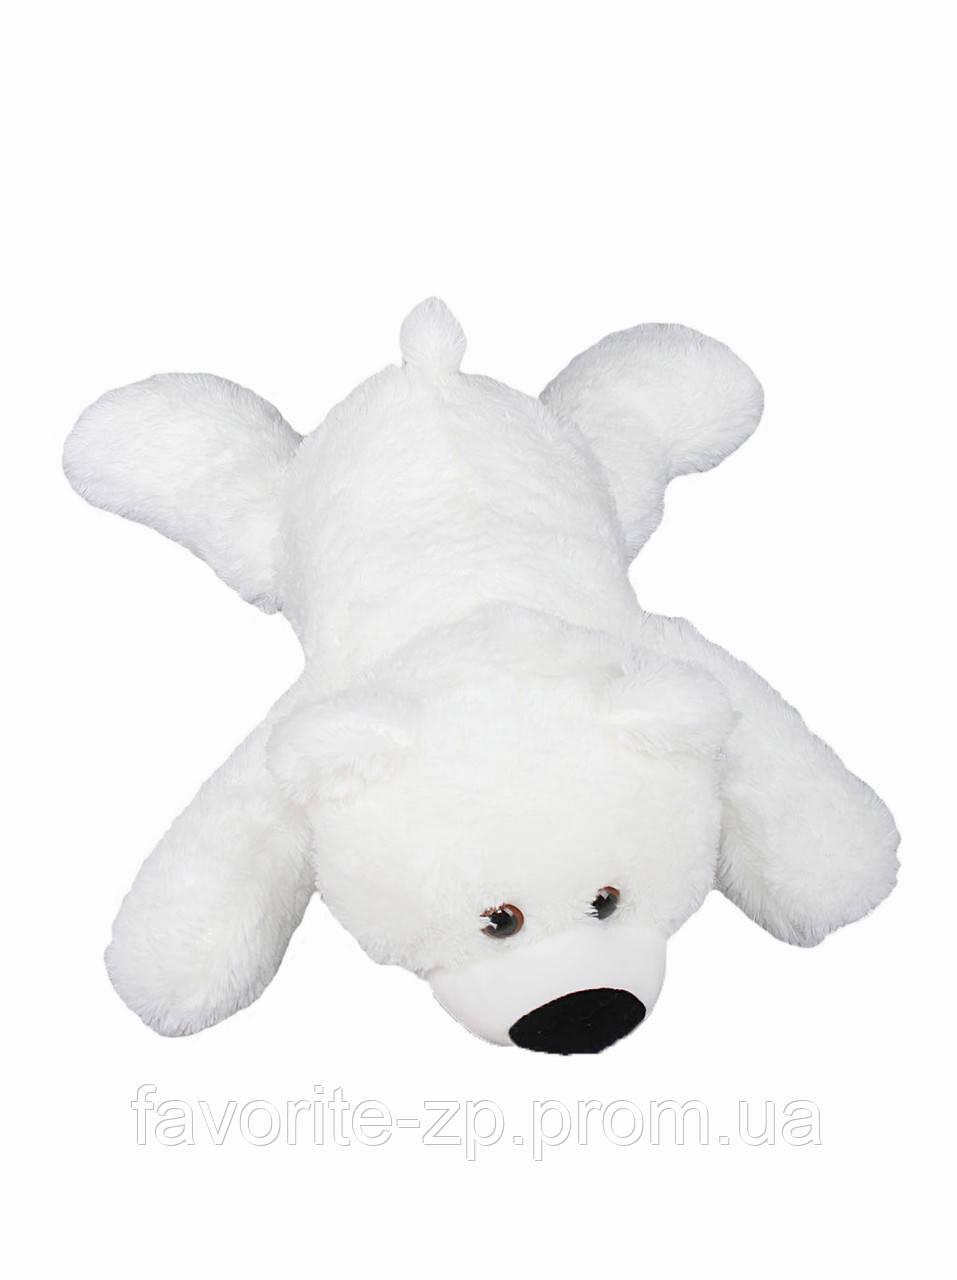 Плюшевый Мишка Умка 70 см белый